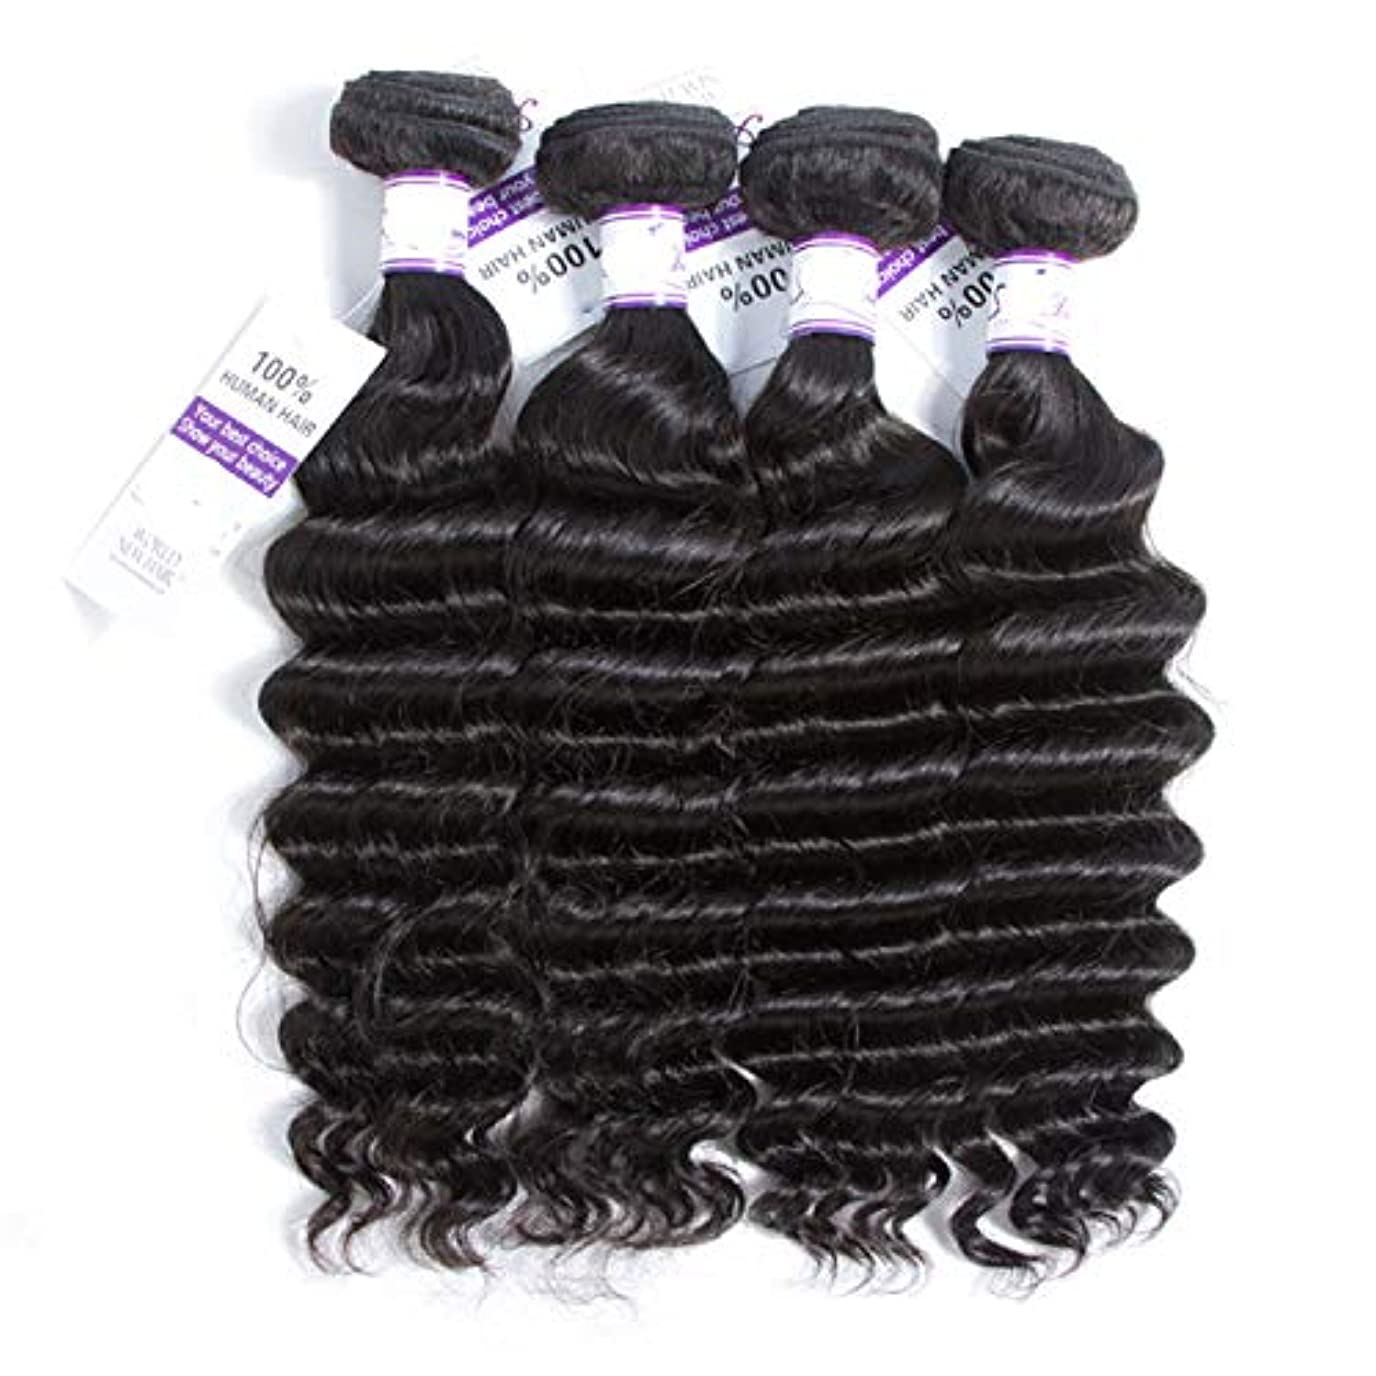 ガジュマルイル要塞ブラジルルースウェーブヘアー人間の髪の毛の束非レミーの毛延長ナチュラルブラック4個 (Length : 22 24 26 28)